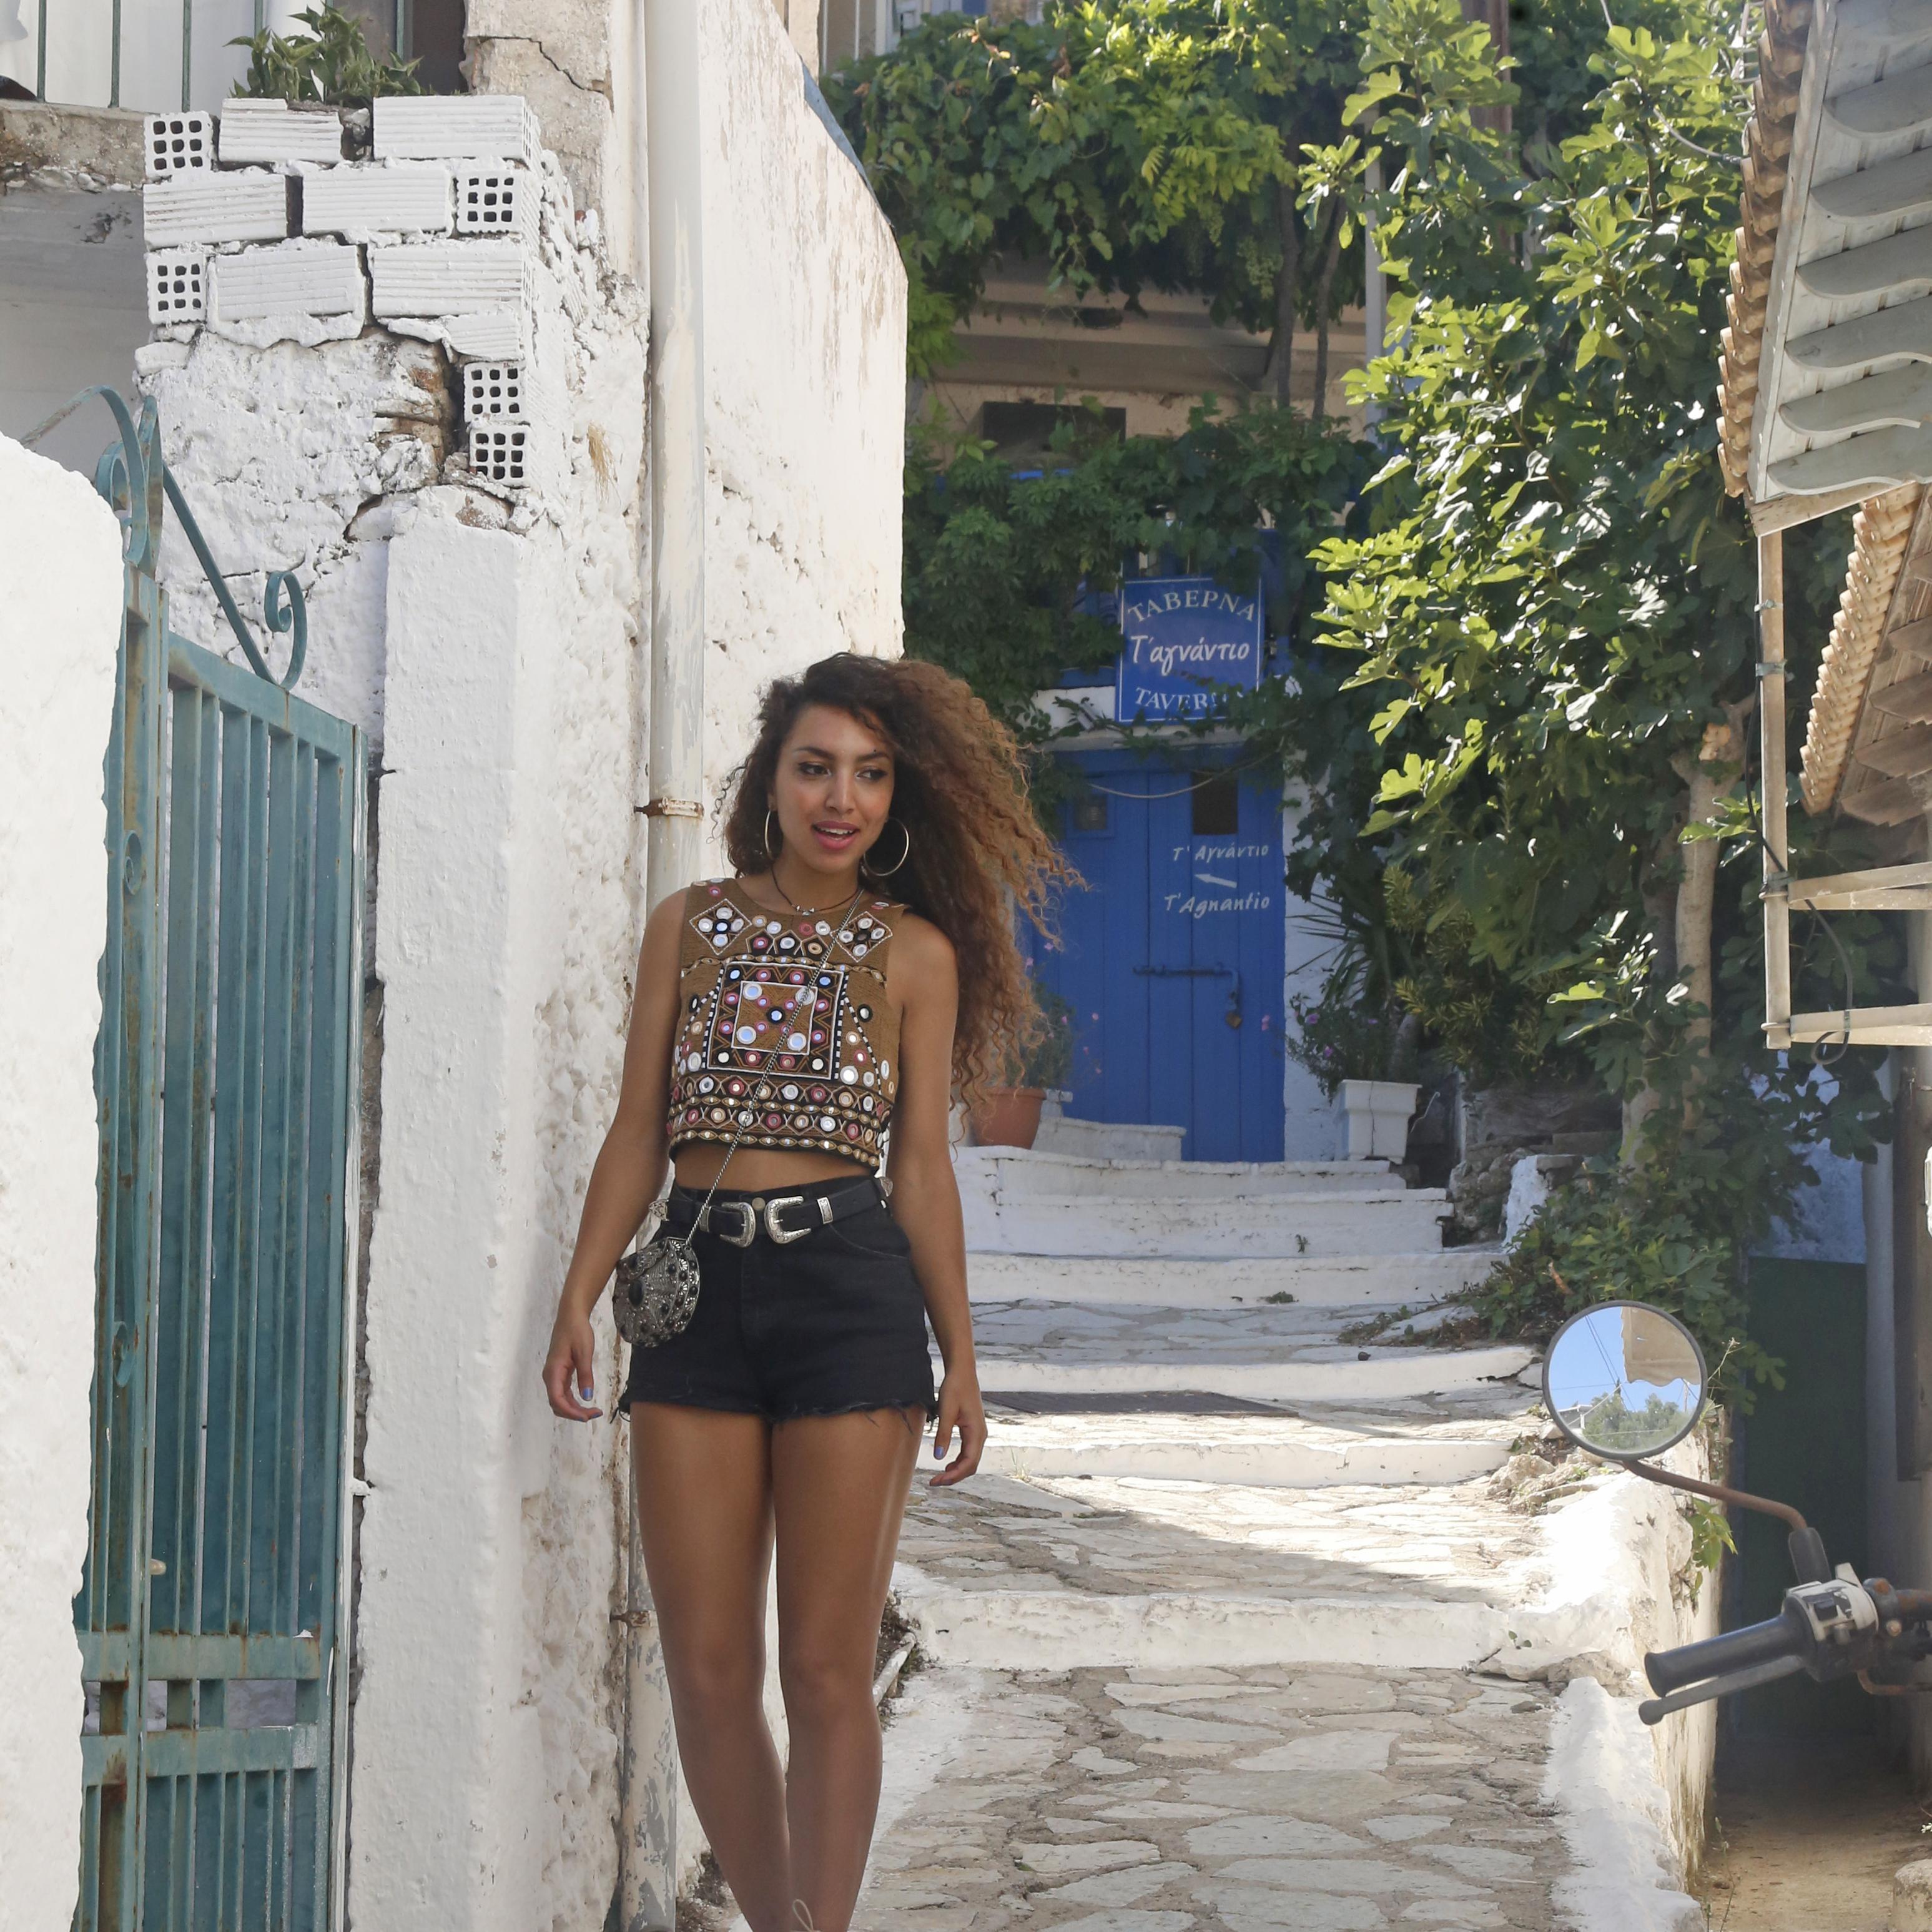 Calimera lefkas het eiland van de witte stranden en m r i love griekenland 100 blogspots - Ch amber voor twee ...